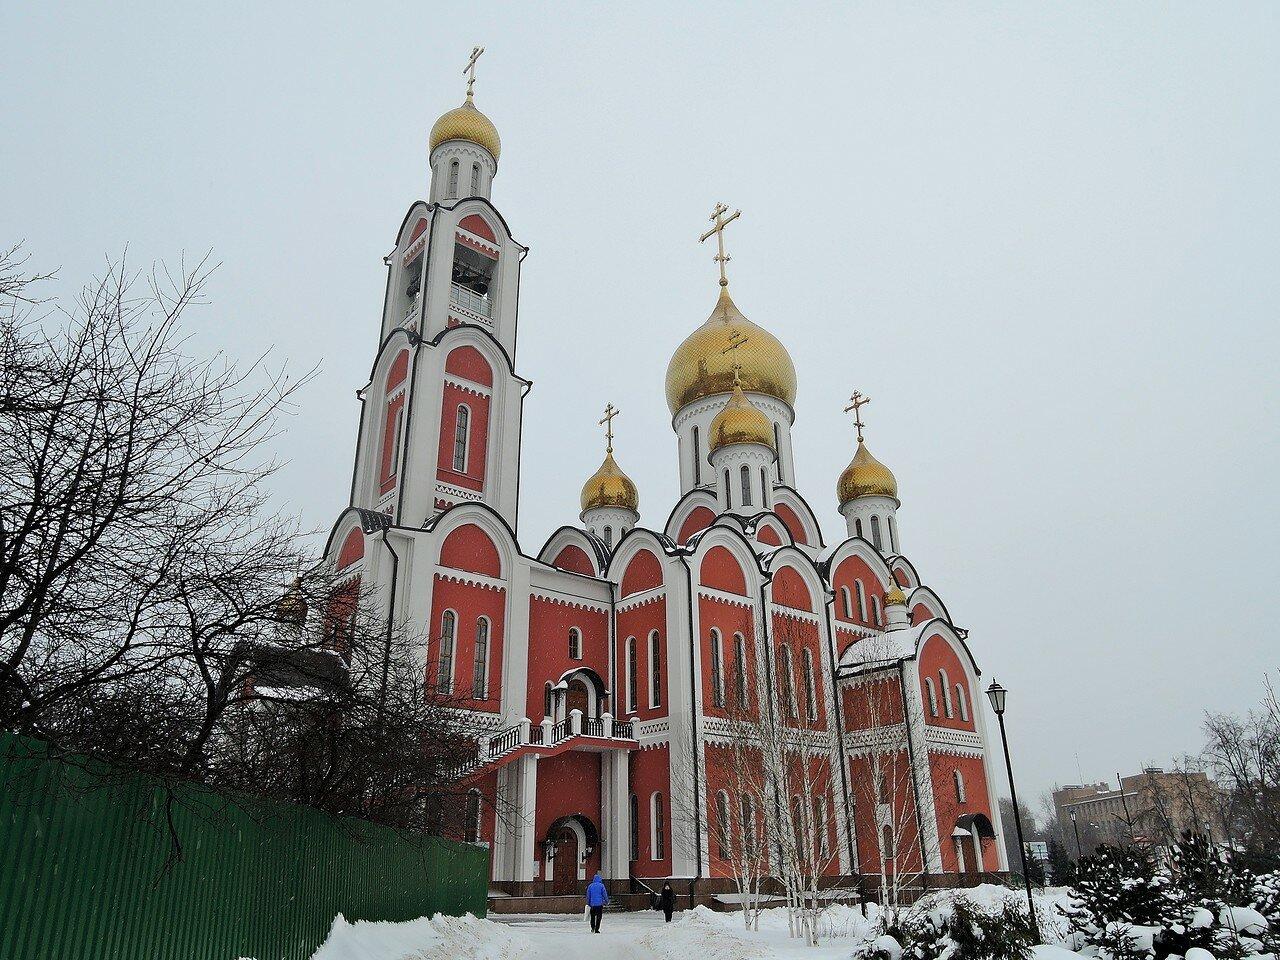 Храм Великомученика Георгия Победоносца в Одинцово